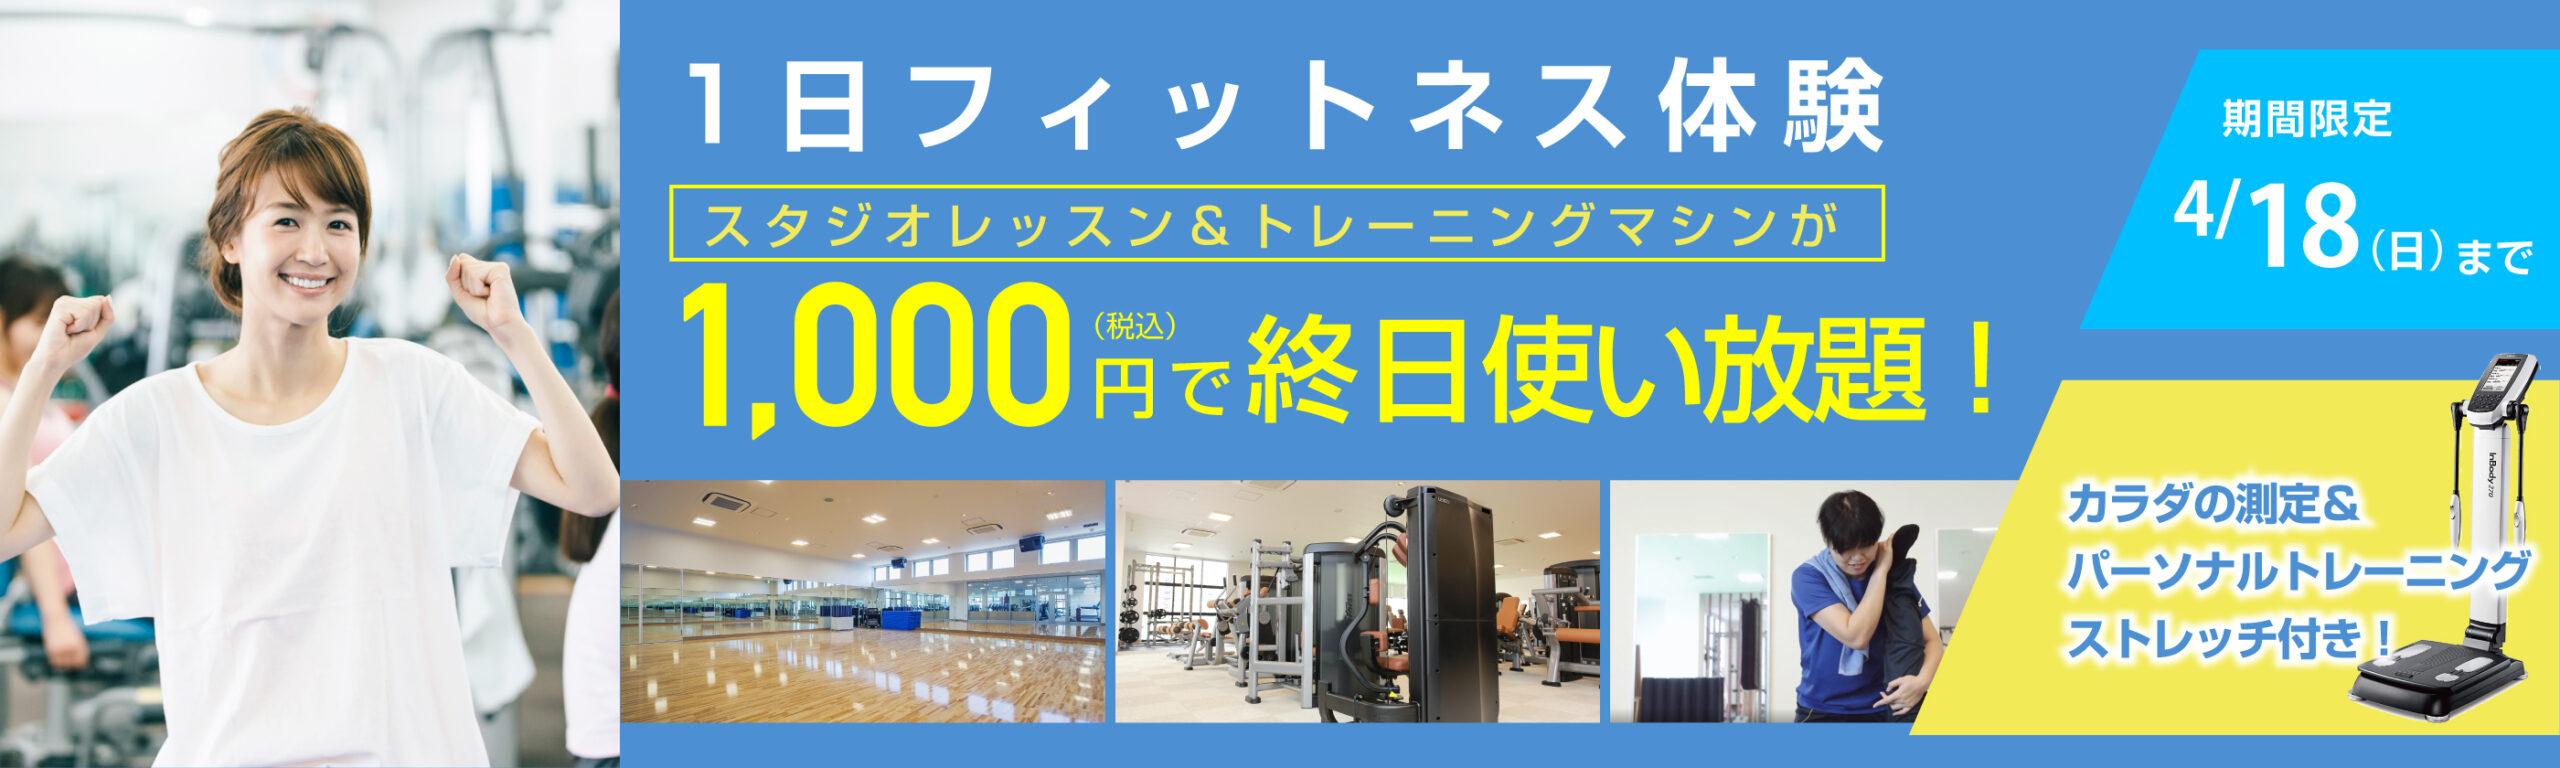 フィットネス1,000円体験キャンペーン